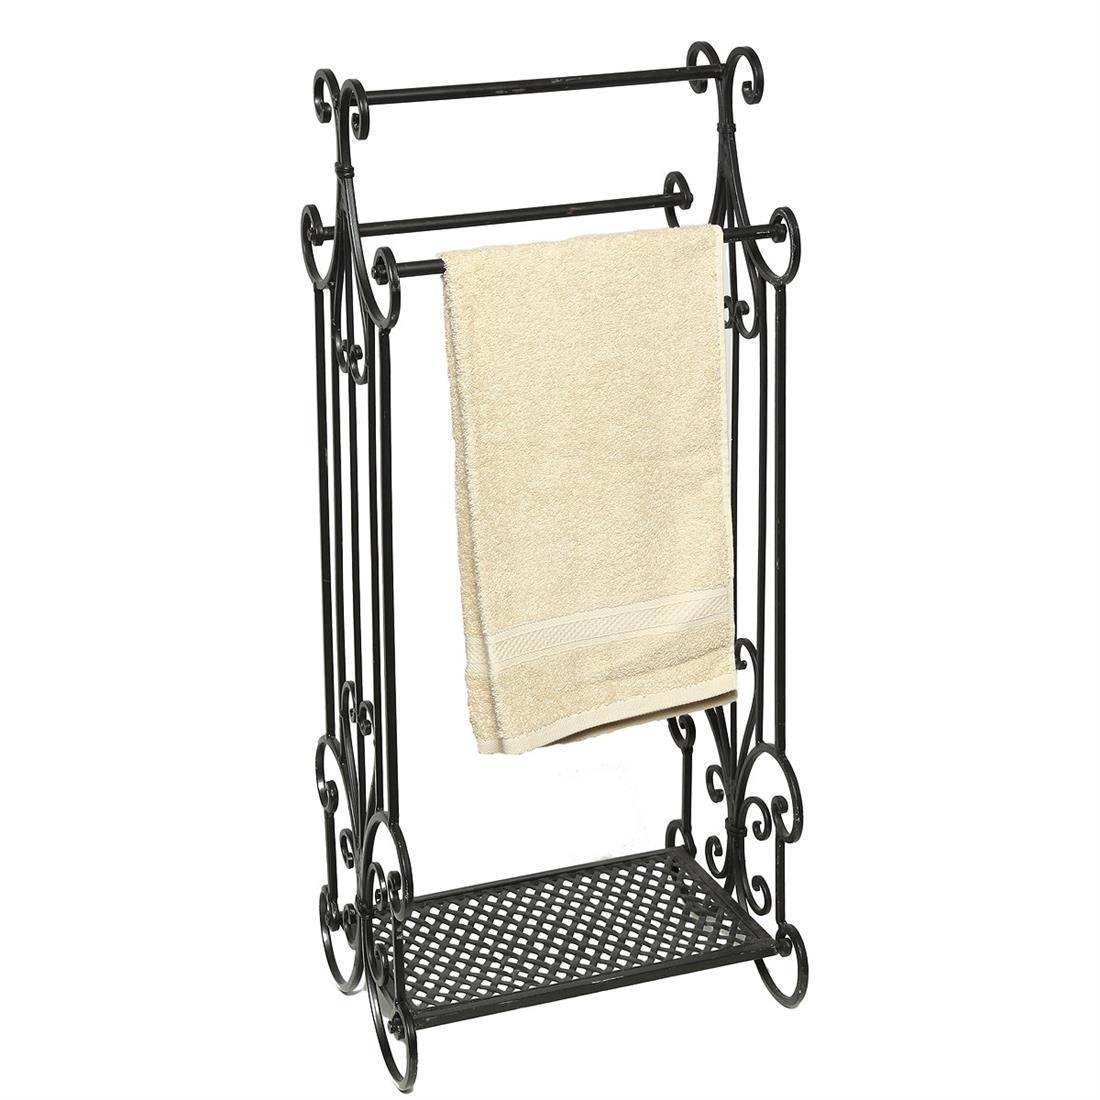 Fashionpillow -1211306- Nostalgie Handtuchhalter, schwarz | Antiklook Metall - Handtuchständer mit Ablage